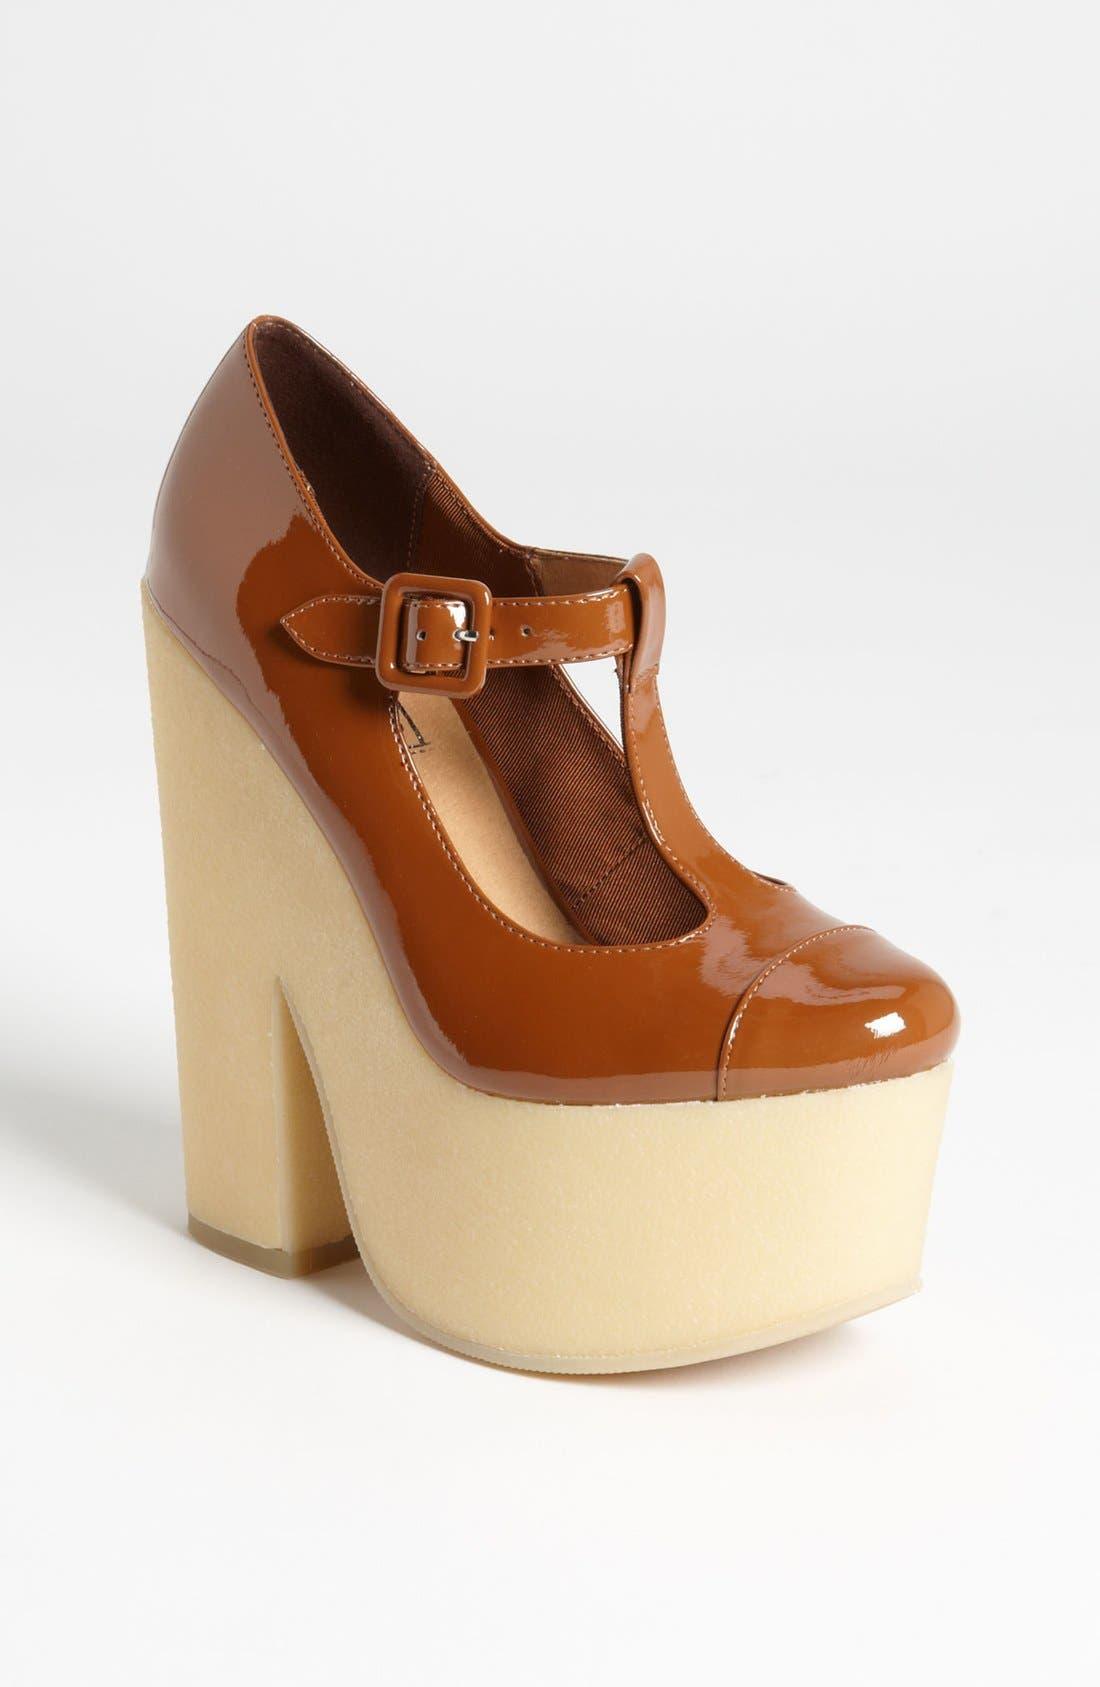 Alternate Image 1 Selected - Topshop 'Shout' Platform Shoe